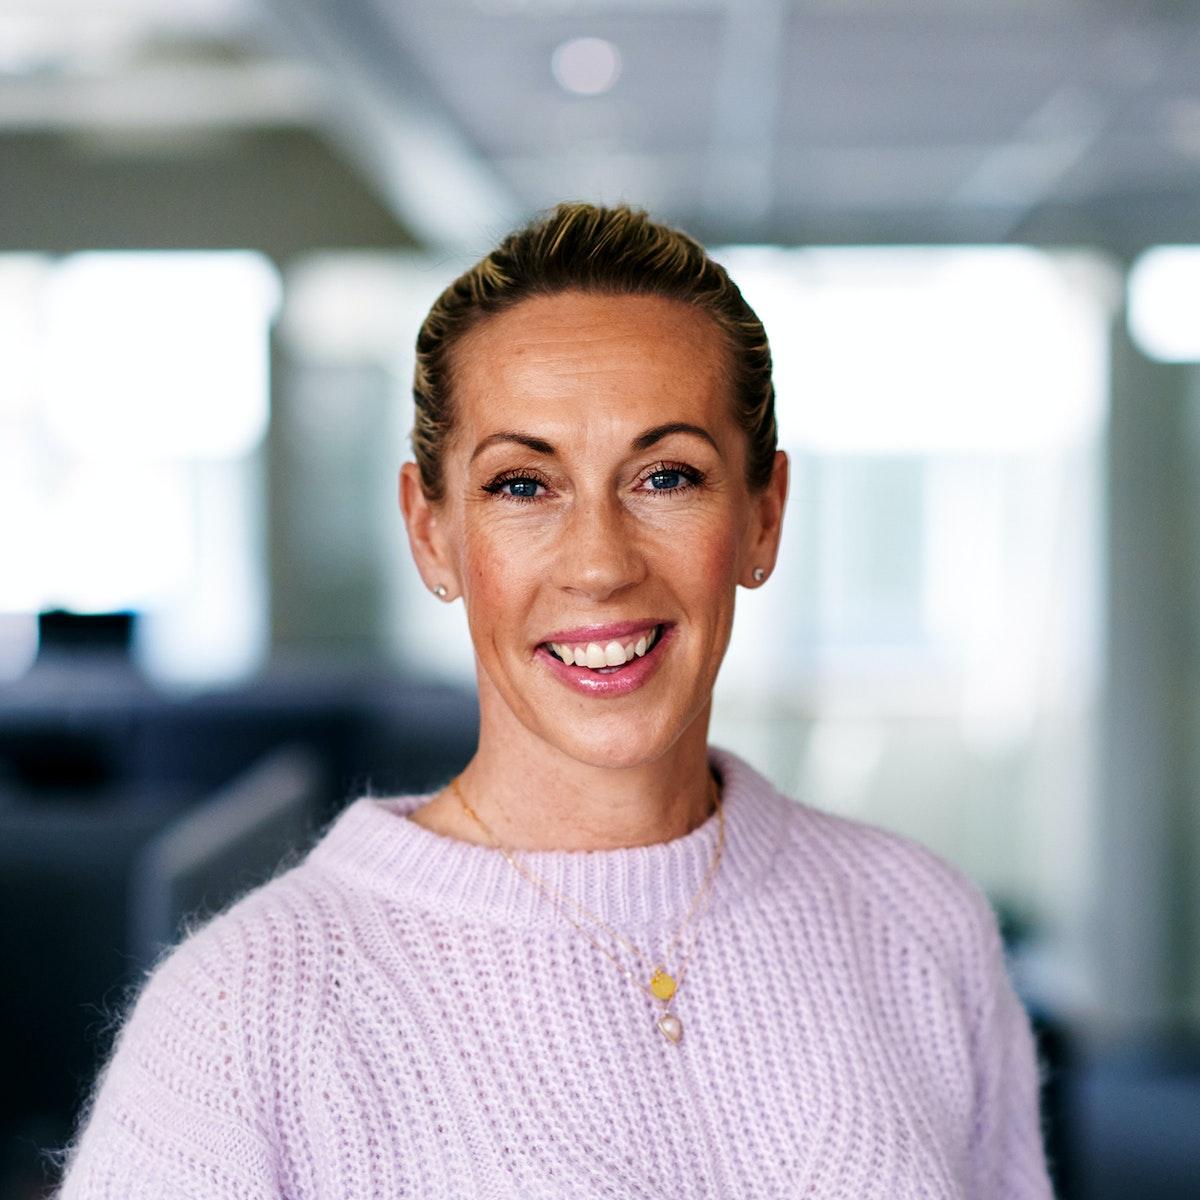 ASV HR Huset portretter web 12